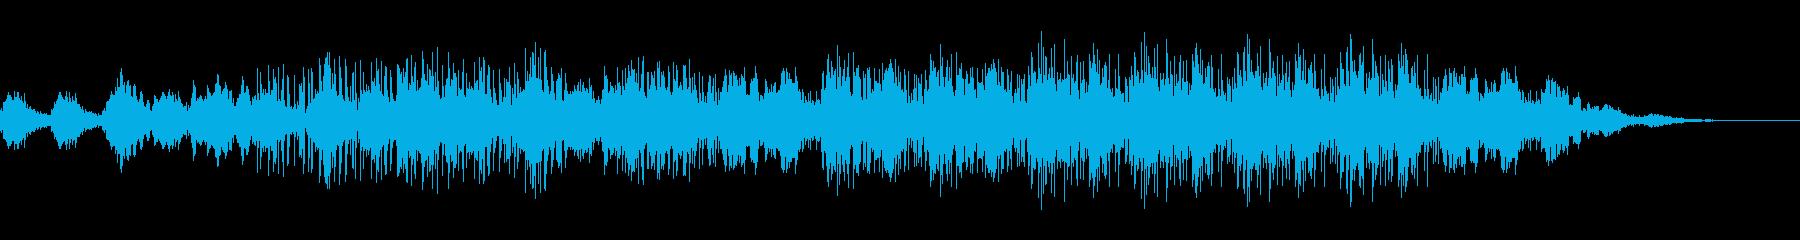 アンビエント風な打ち込み音楽の再生済みの波形